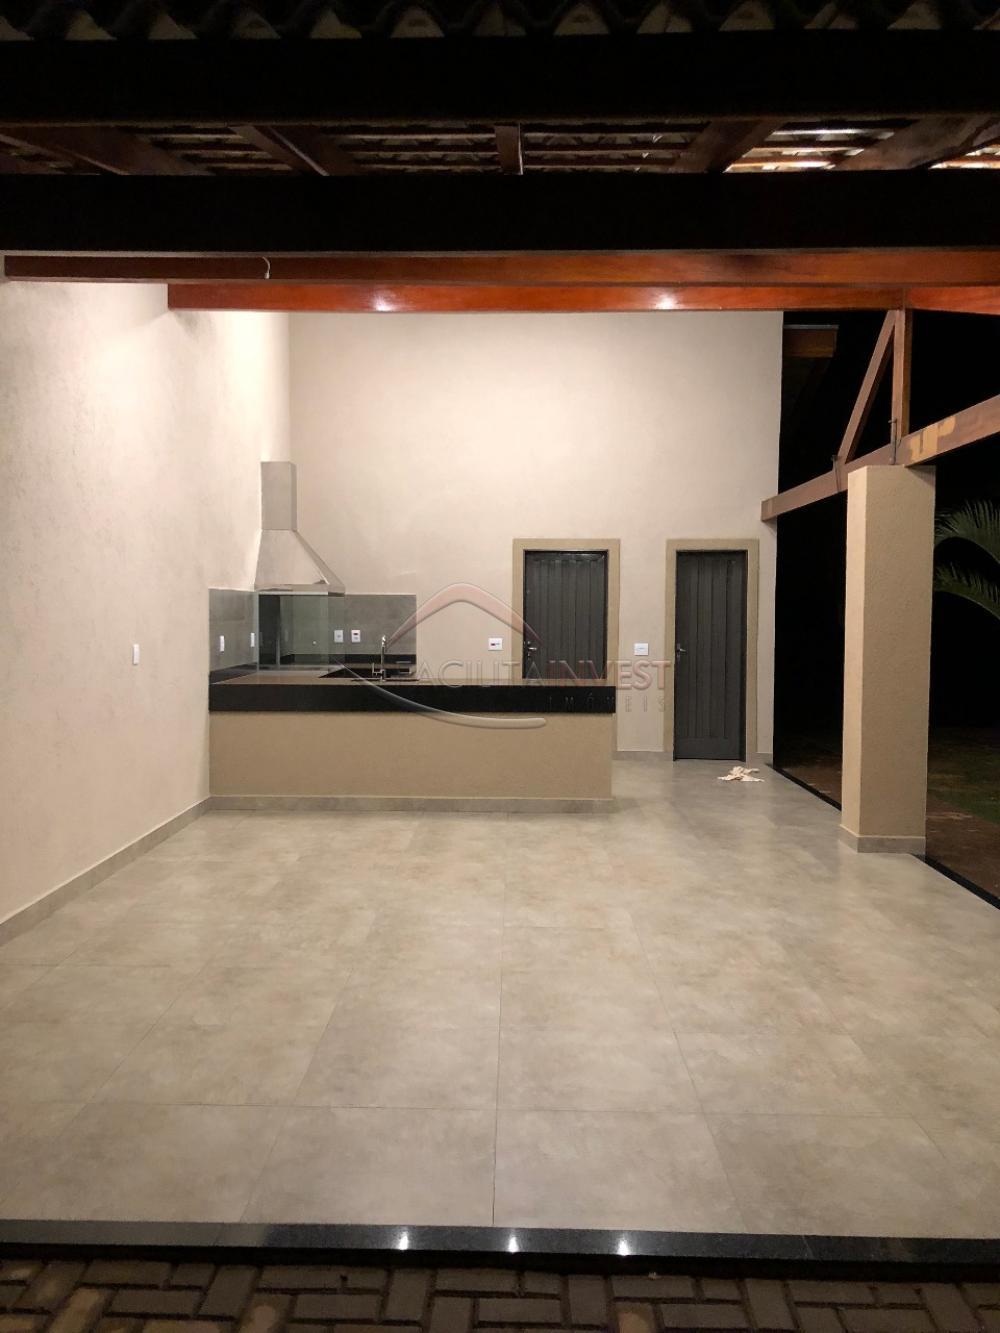 Comprar Chácaras em condomínio / Chácara em condomínio em Ribeirão Preto apenas R$ 1.190.000,00 - Foto 14